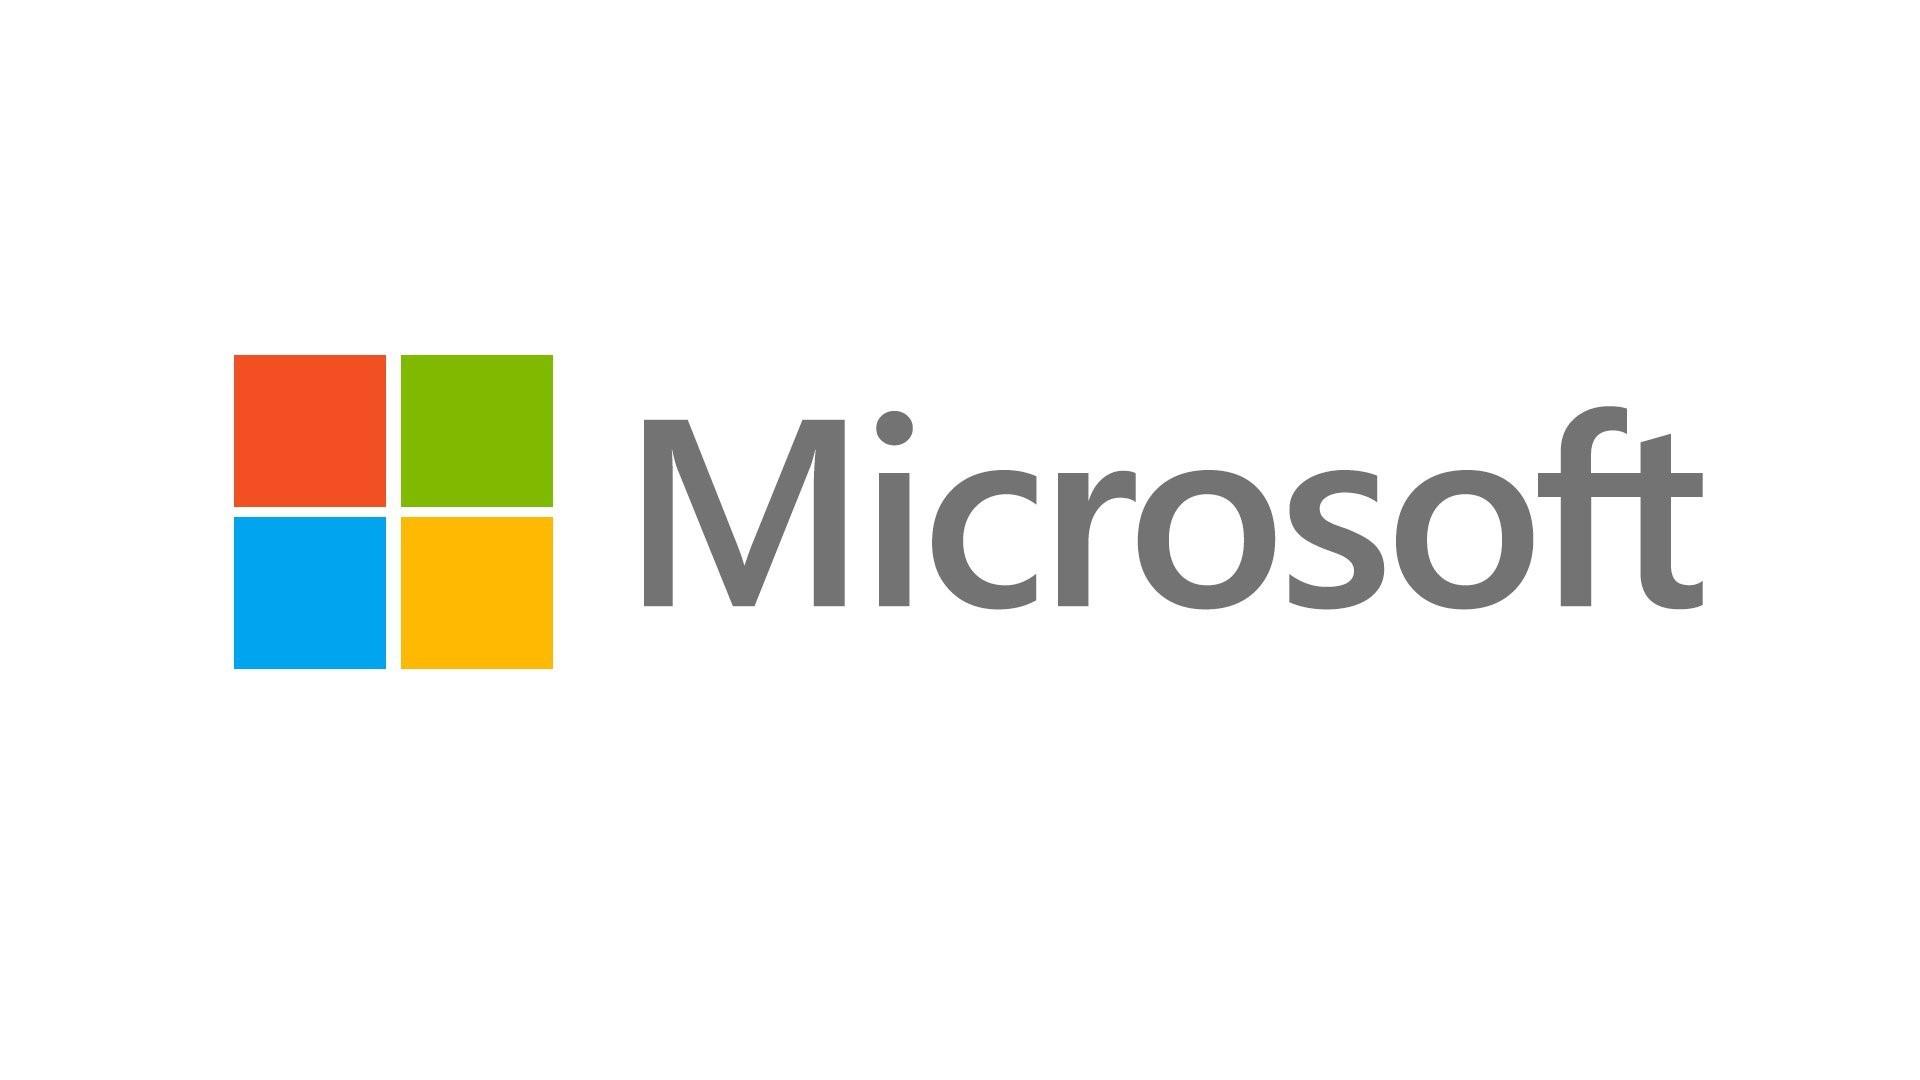 圧縮 動画 ファイル Windows 10でMP4を圧縮:Windows